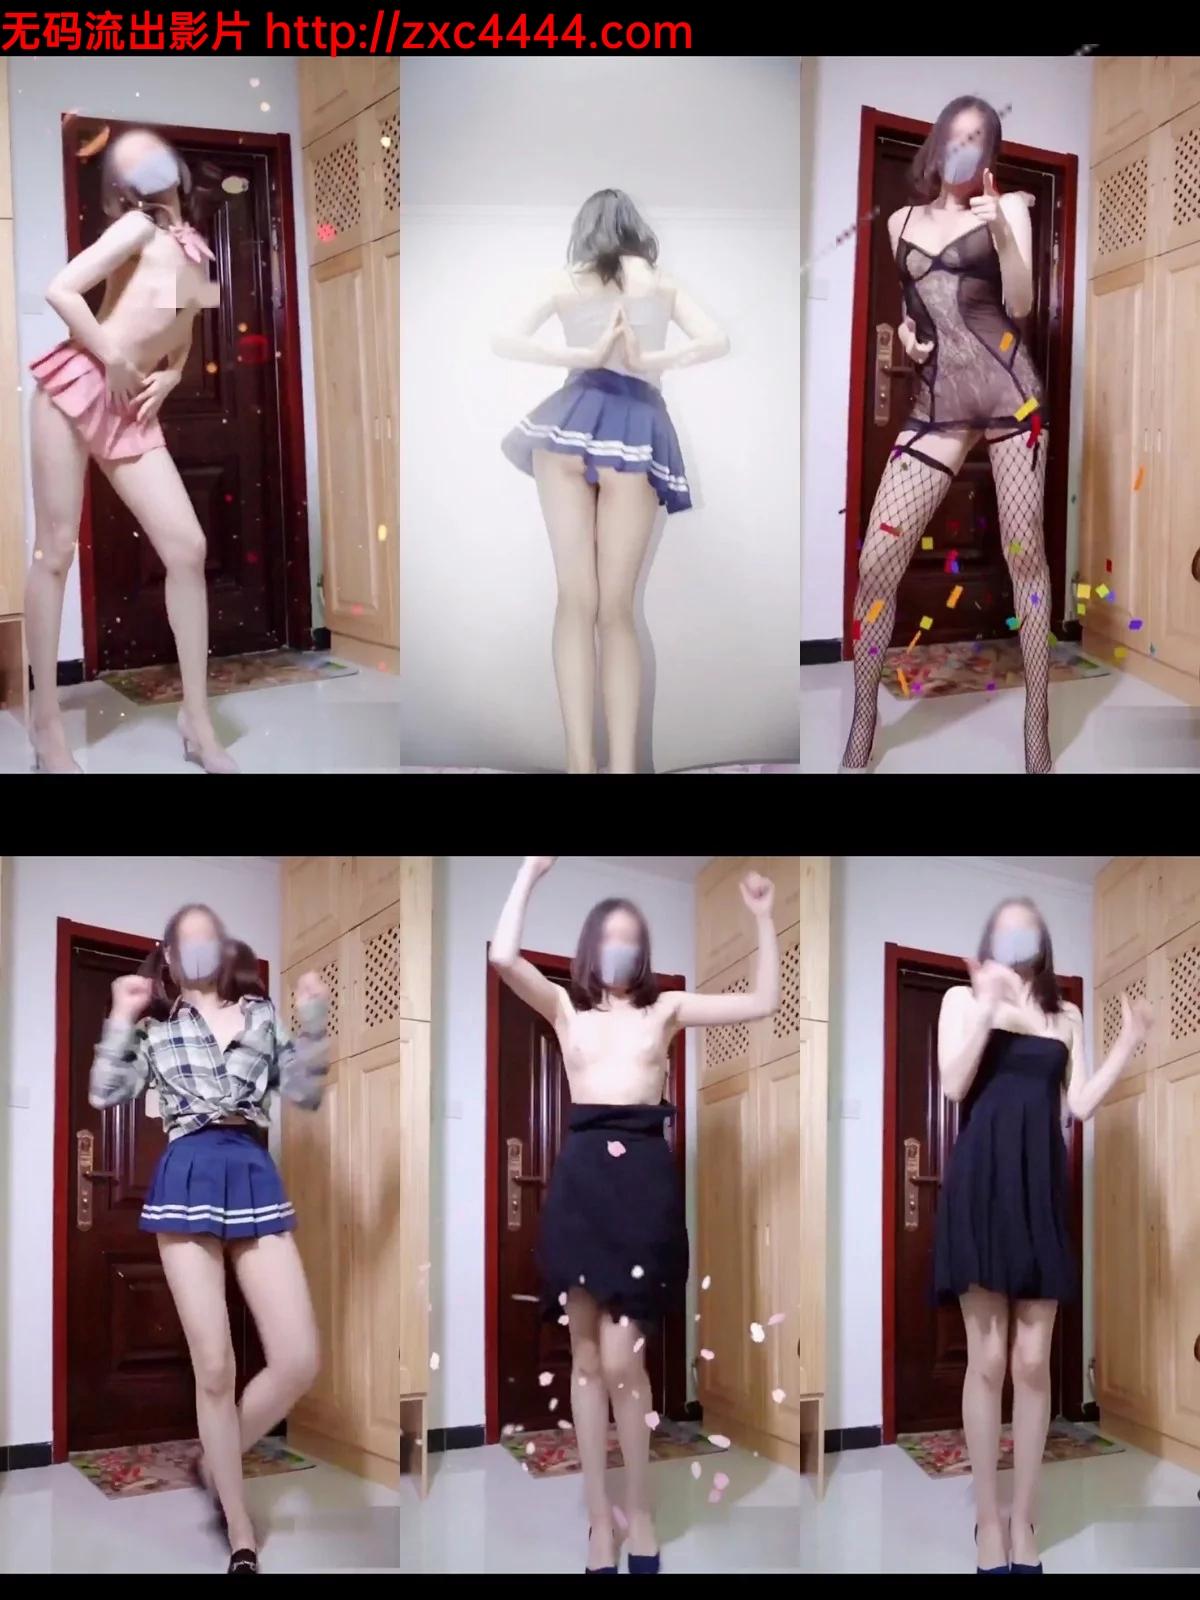 超嗨的【女神裸舞】咚小姐抖音上裸舞土豪福利,还有与男友啪啪、口交,大街上露出跳舞[372MB]